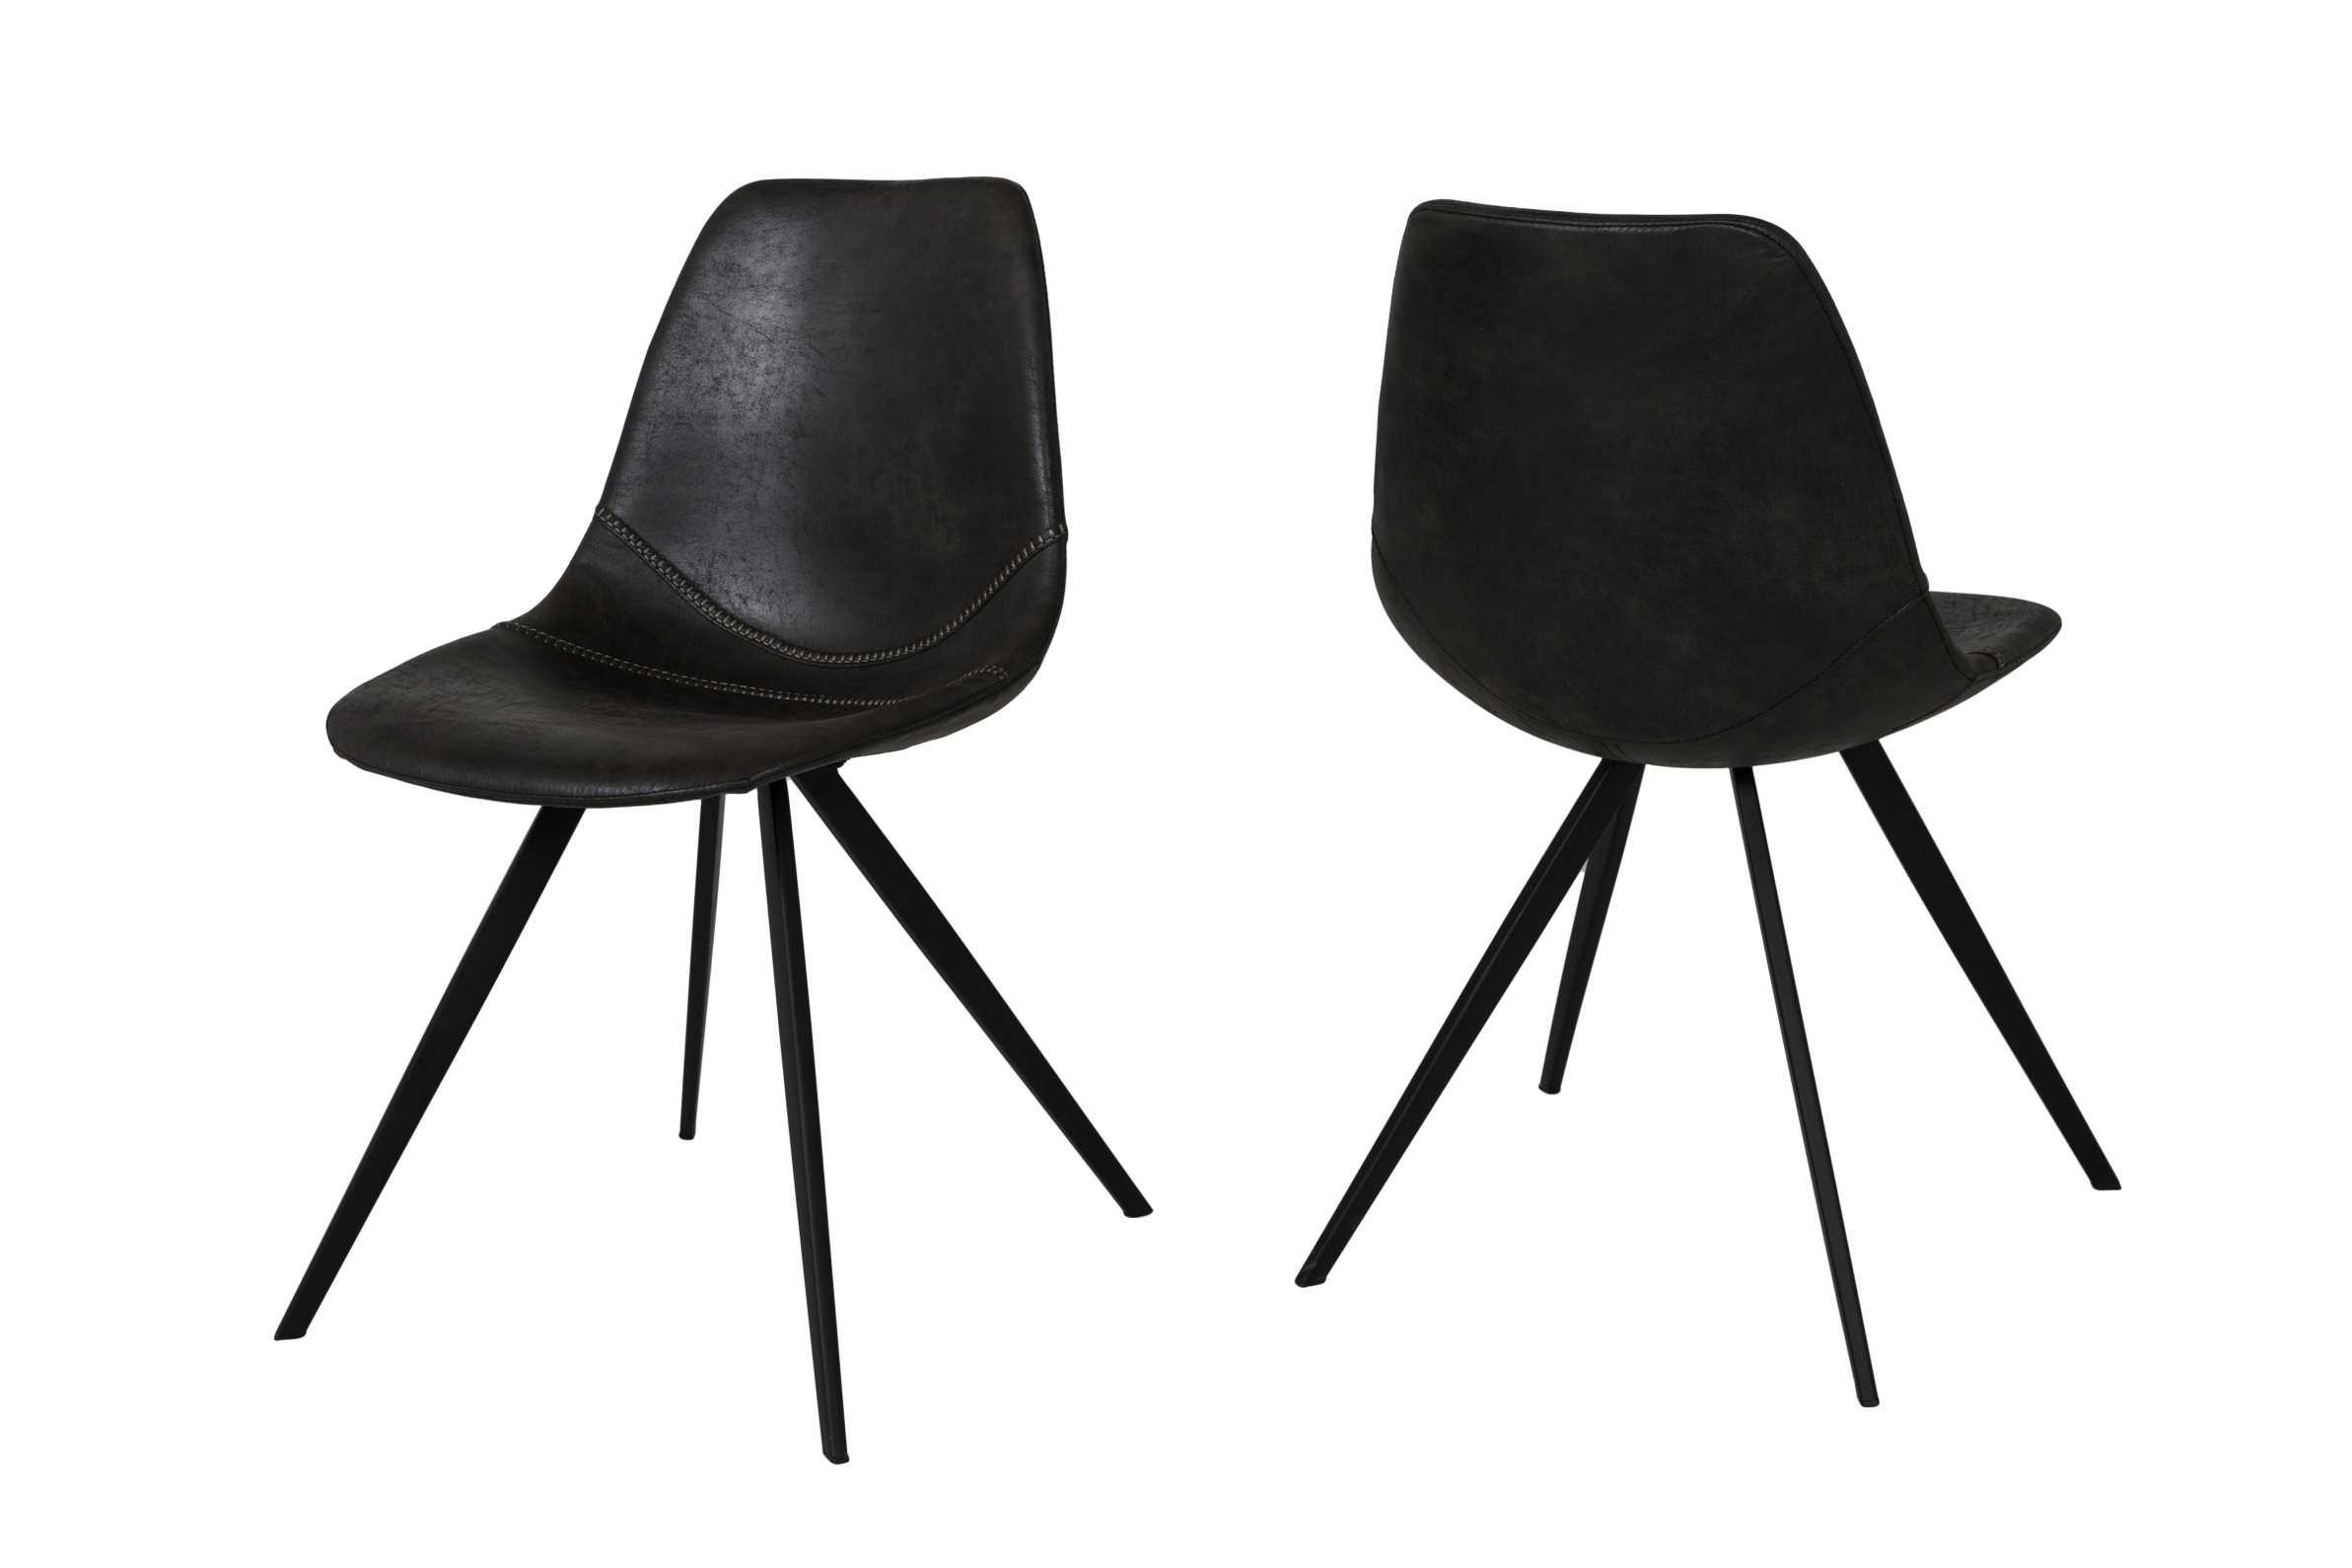 canett – Liva stol fra boboonline.dk